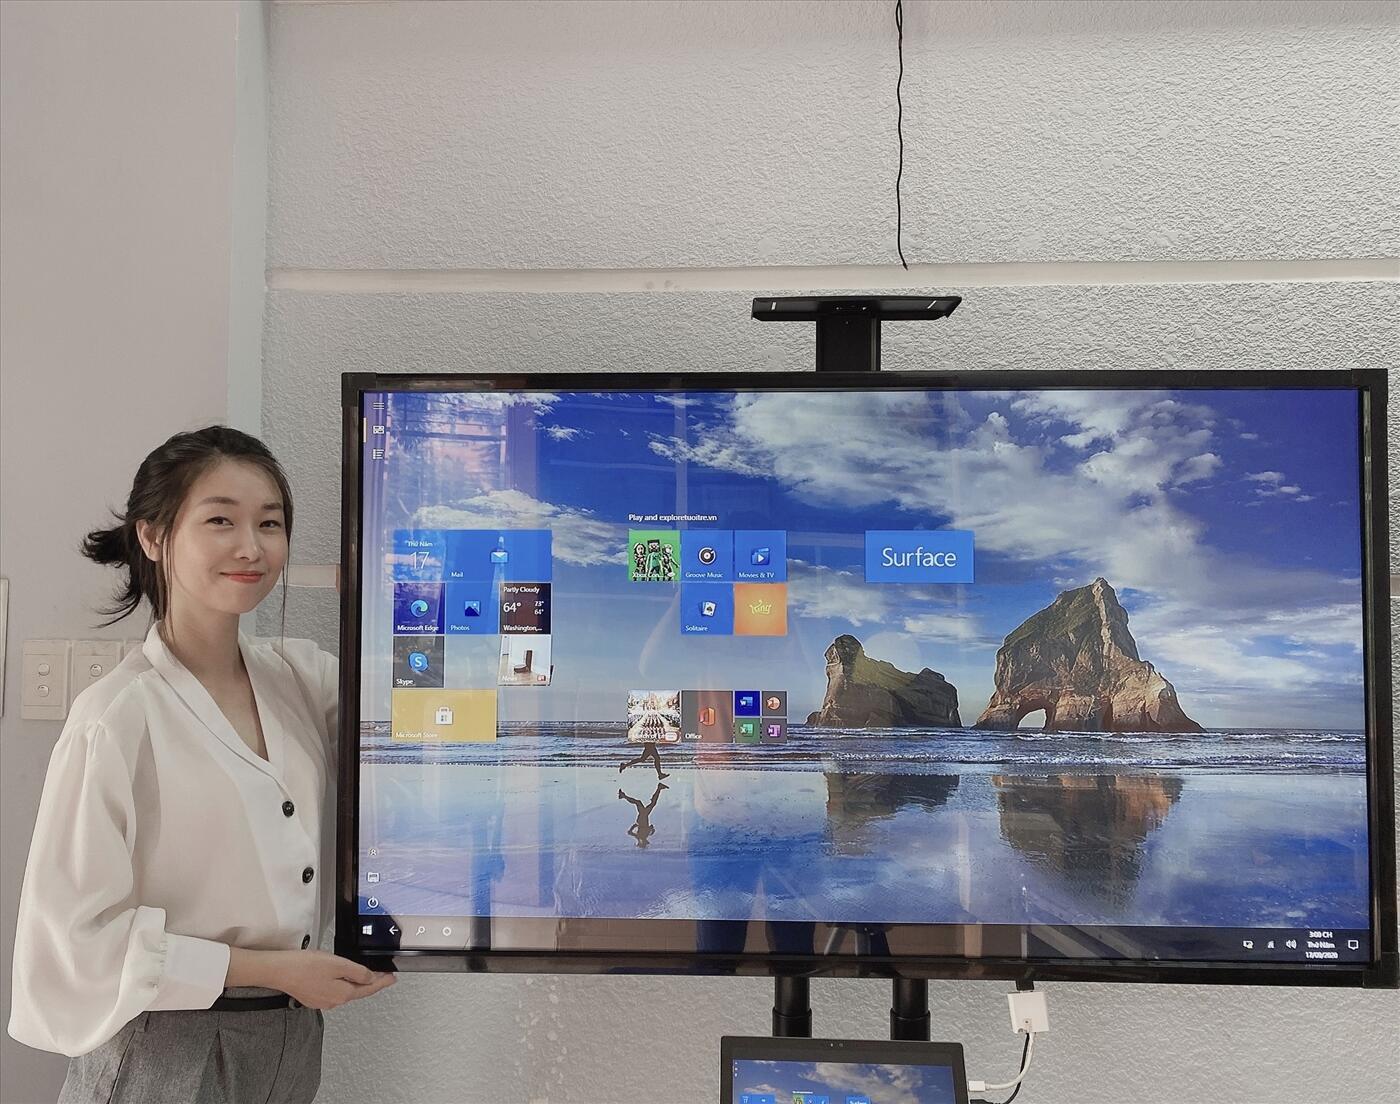 Màn hình tivi tương tác thông minh 4K 55 in